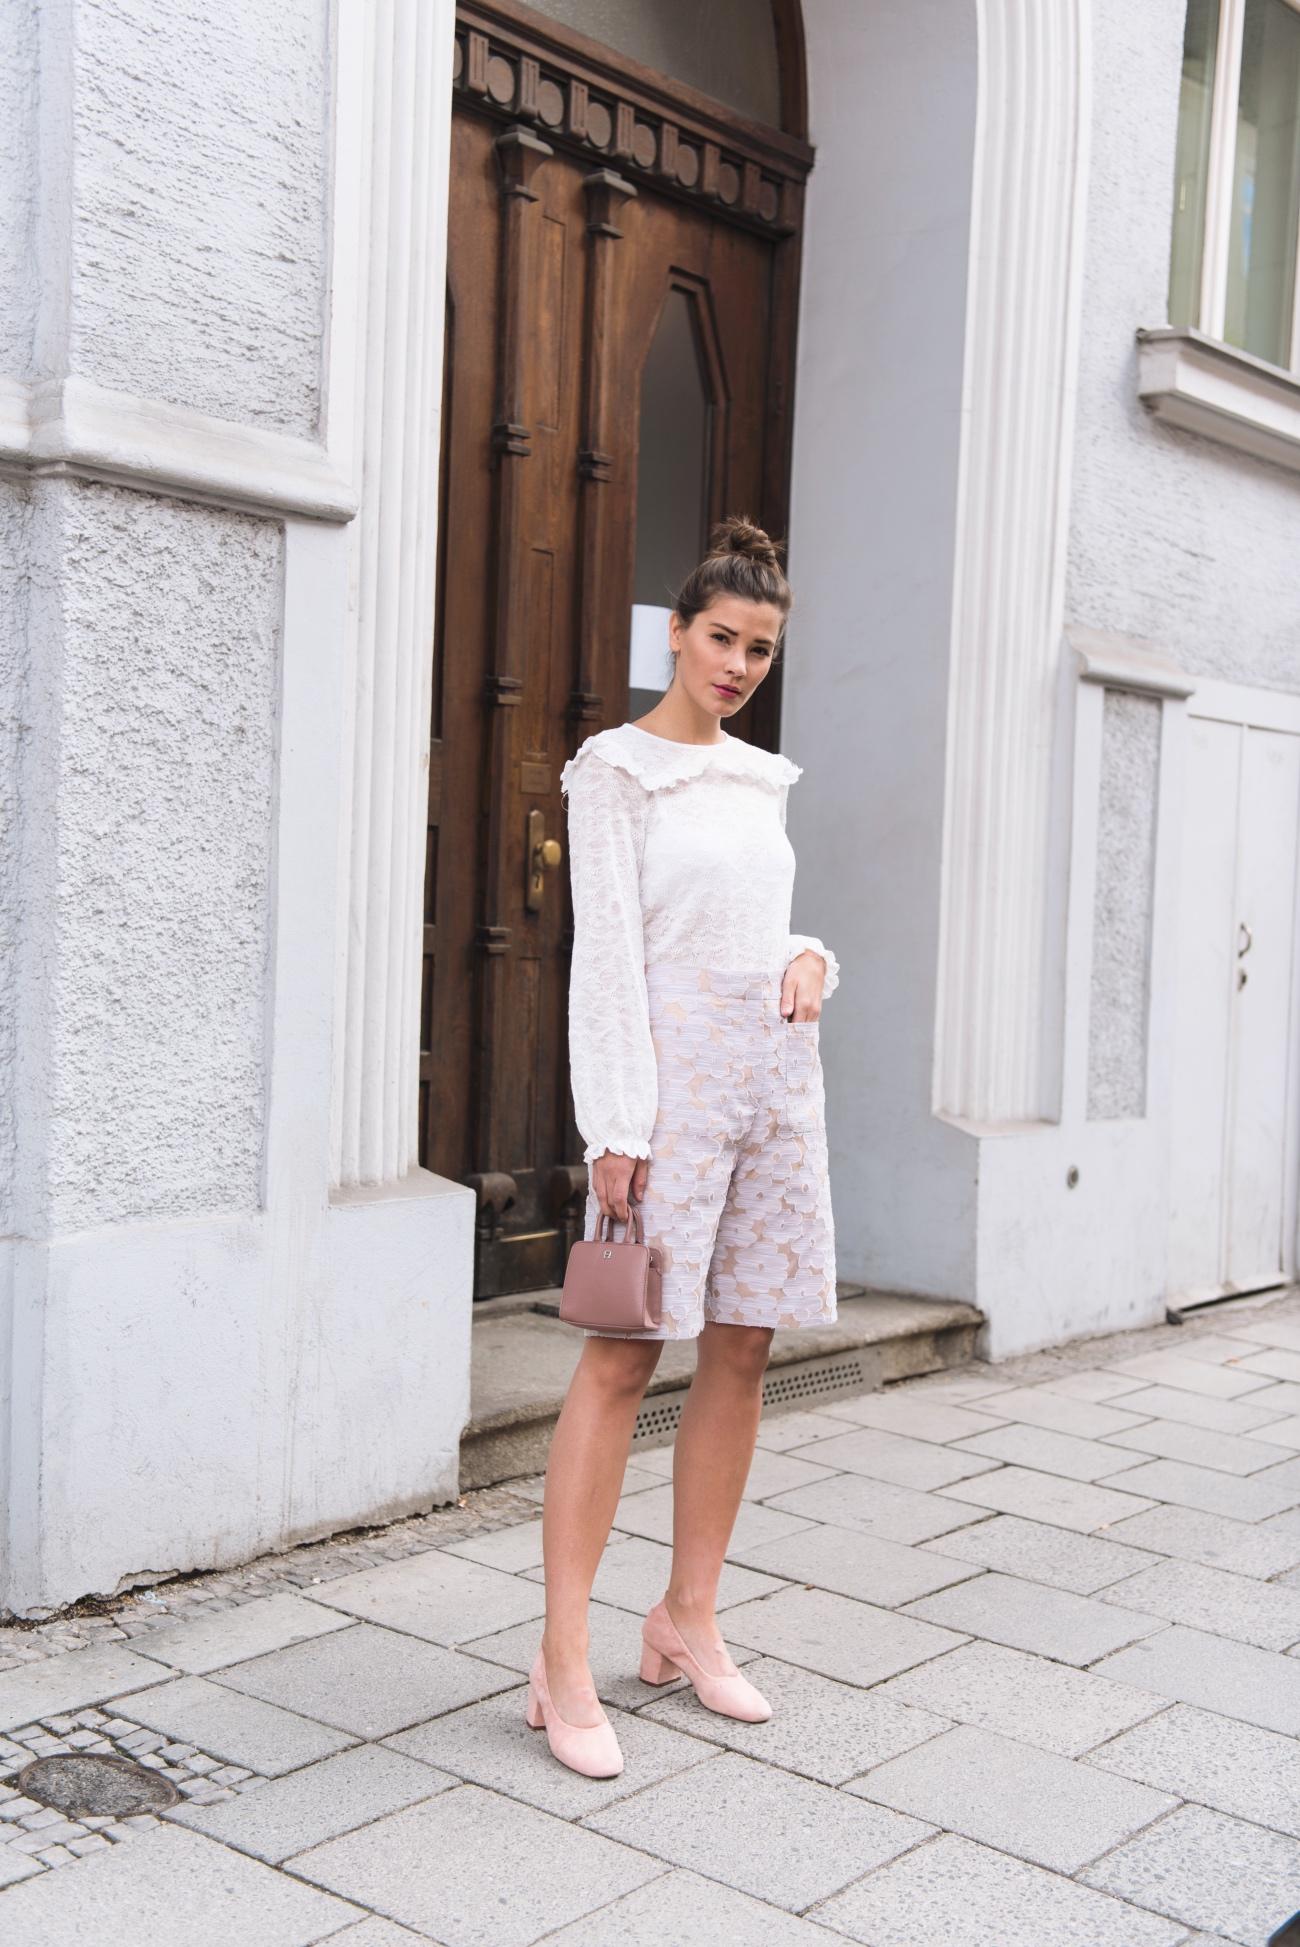 fashionblog-deutschland-münchen-interior-blogger-mode-blog-nina-schwichtenberg-wohnung-altbau-fashiioncarpet